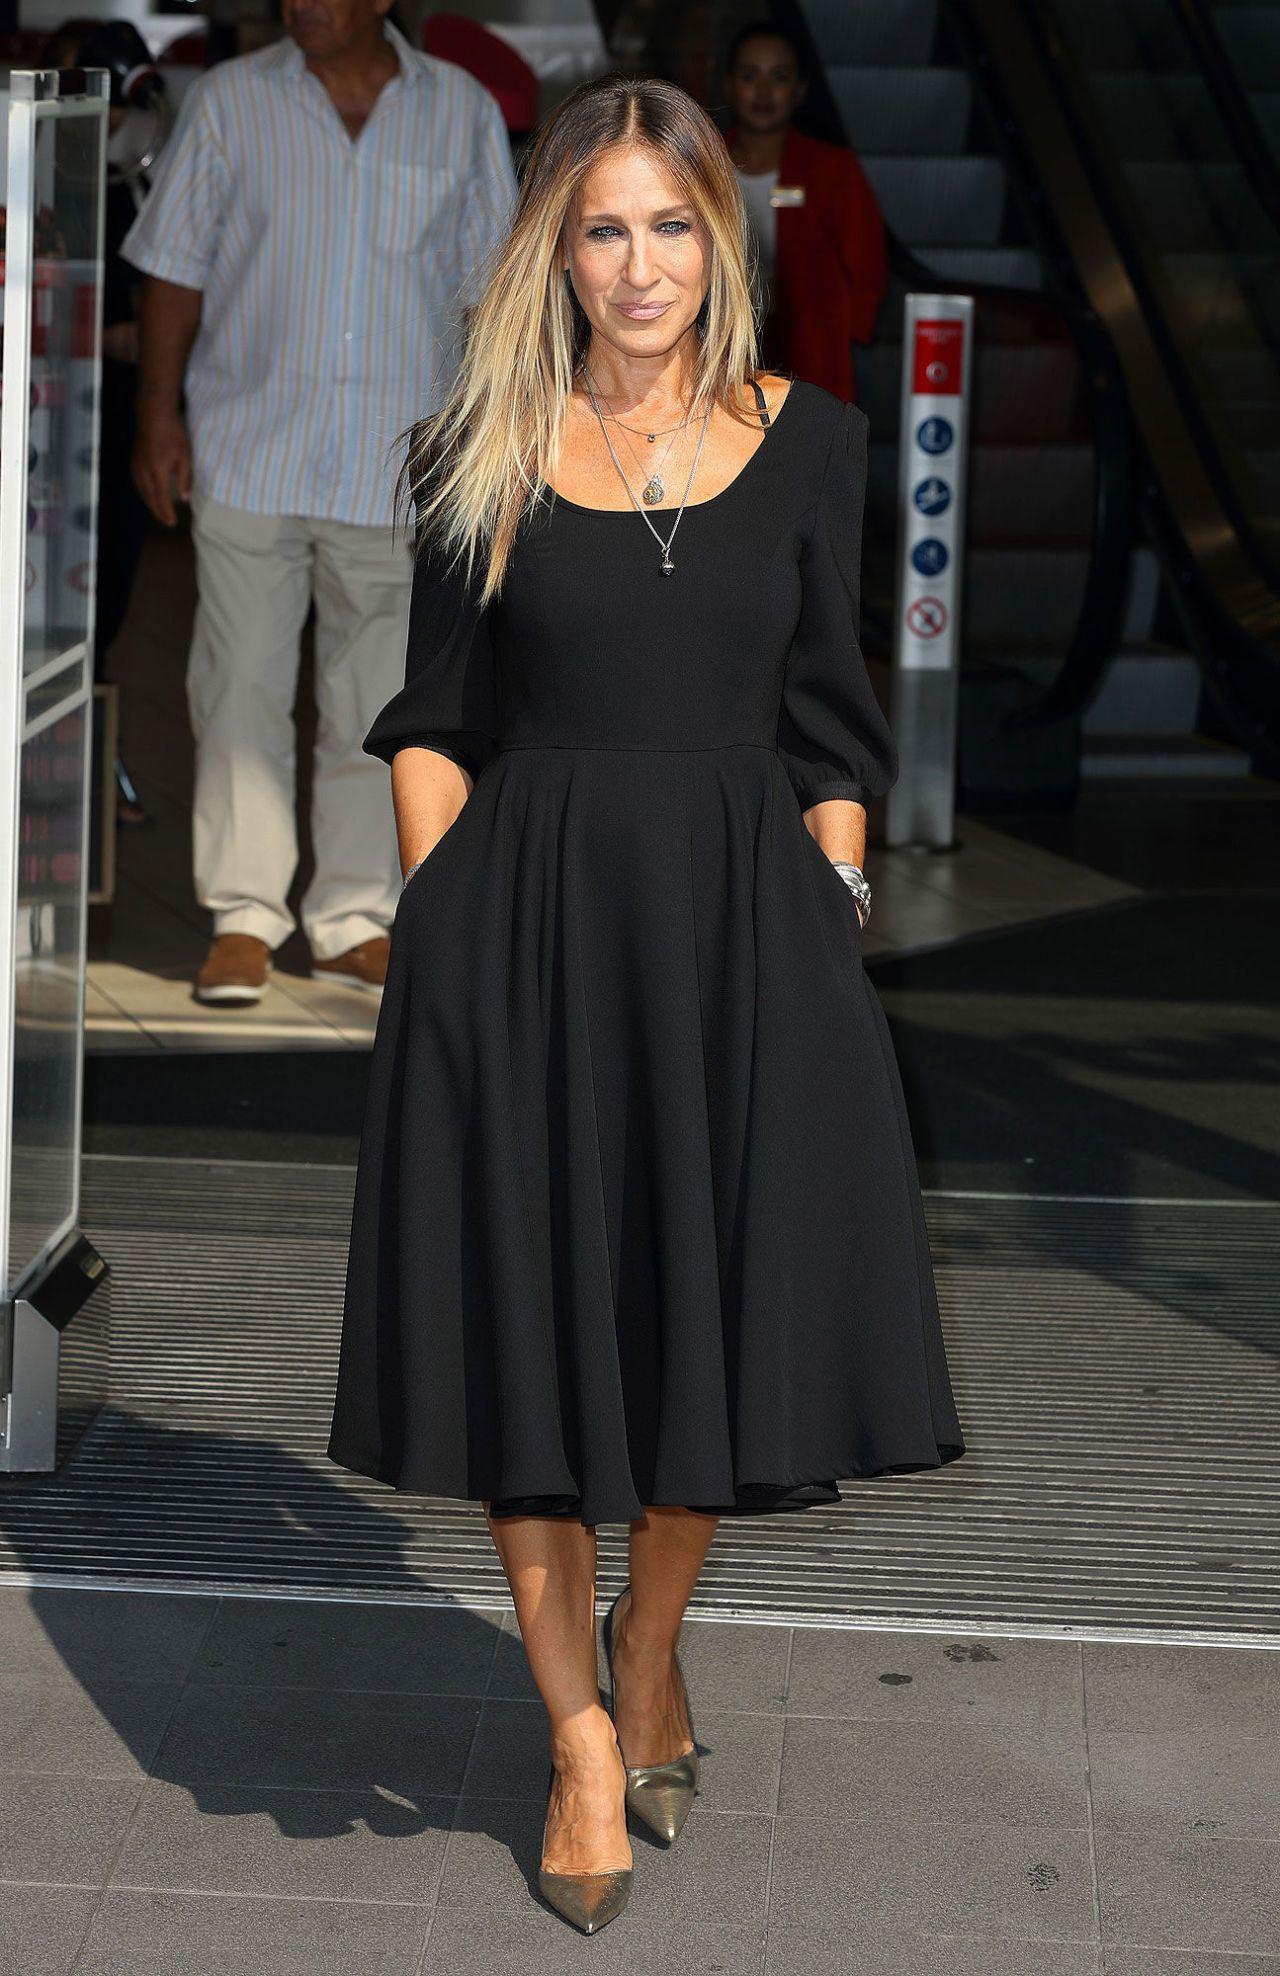 Zapatos negros Sarah Jessica Parker para mujer Venta barata en venta cZ5g6bHq